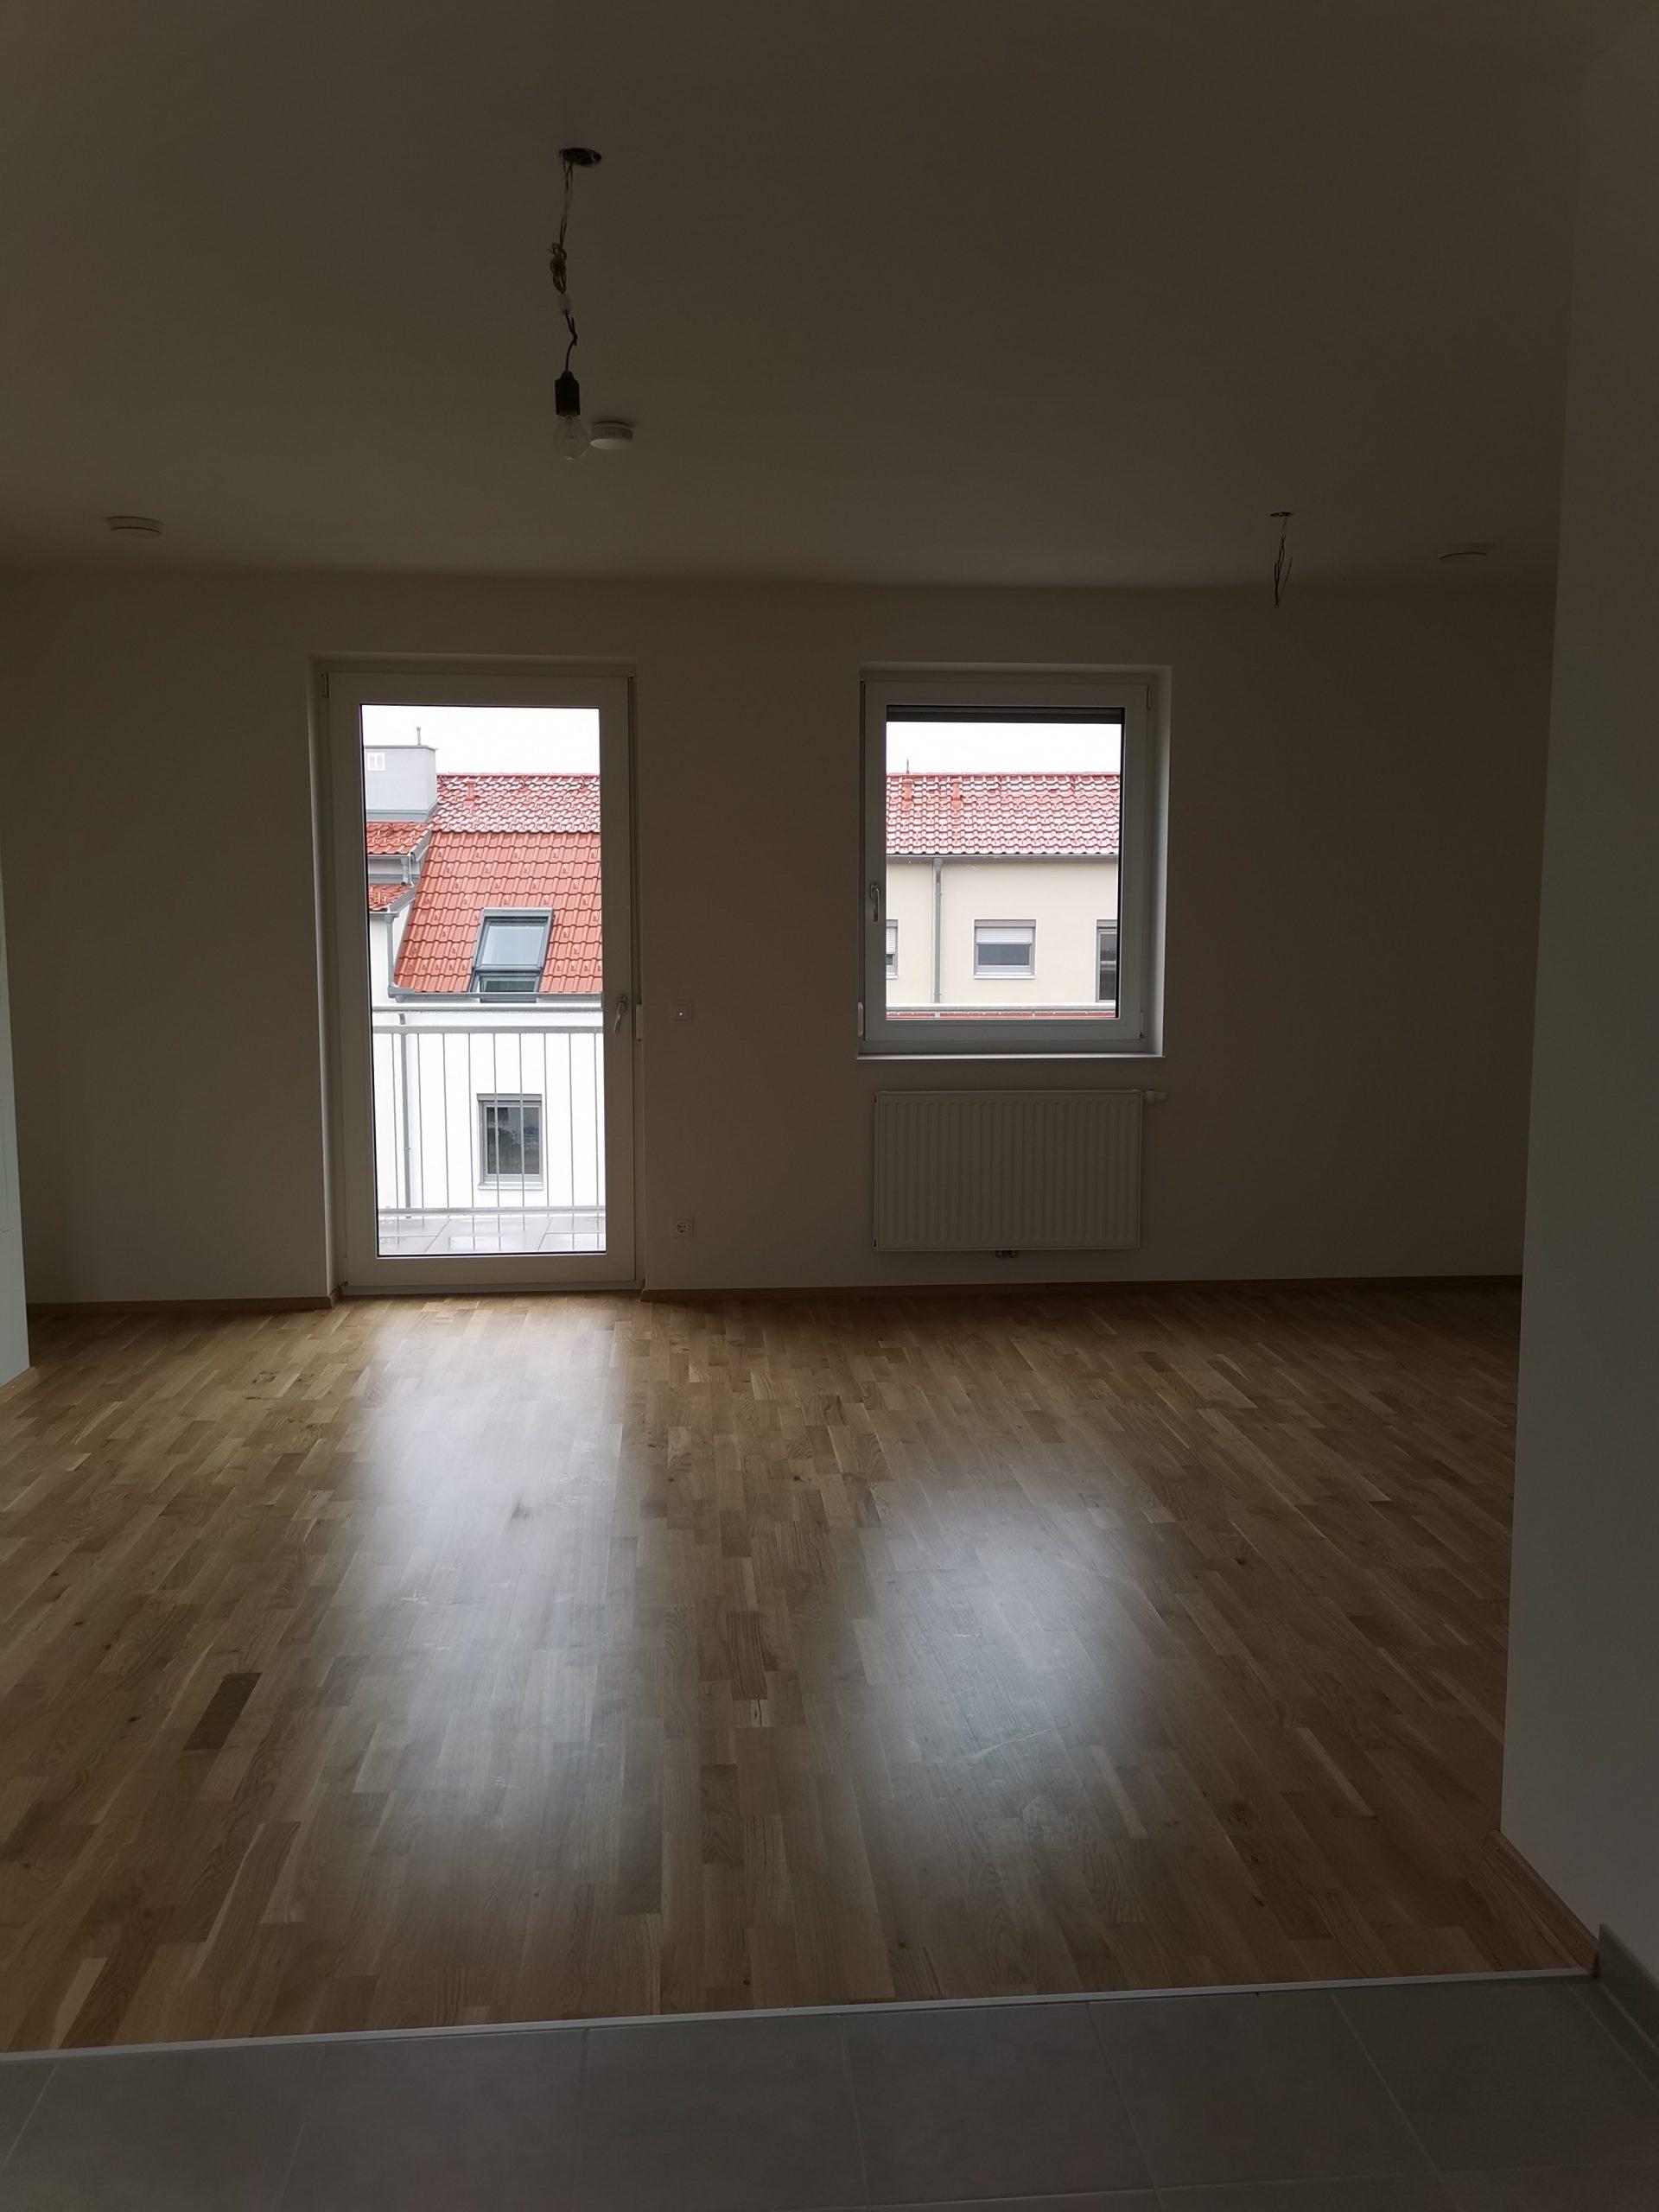 Immobilie von Kamptal in 3571 Gars am Kamp, Horn, Gars V - Top 208 #6